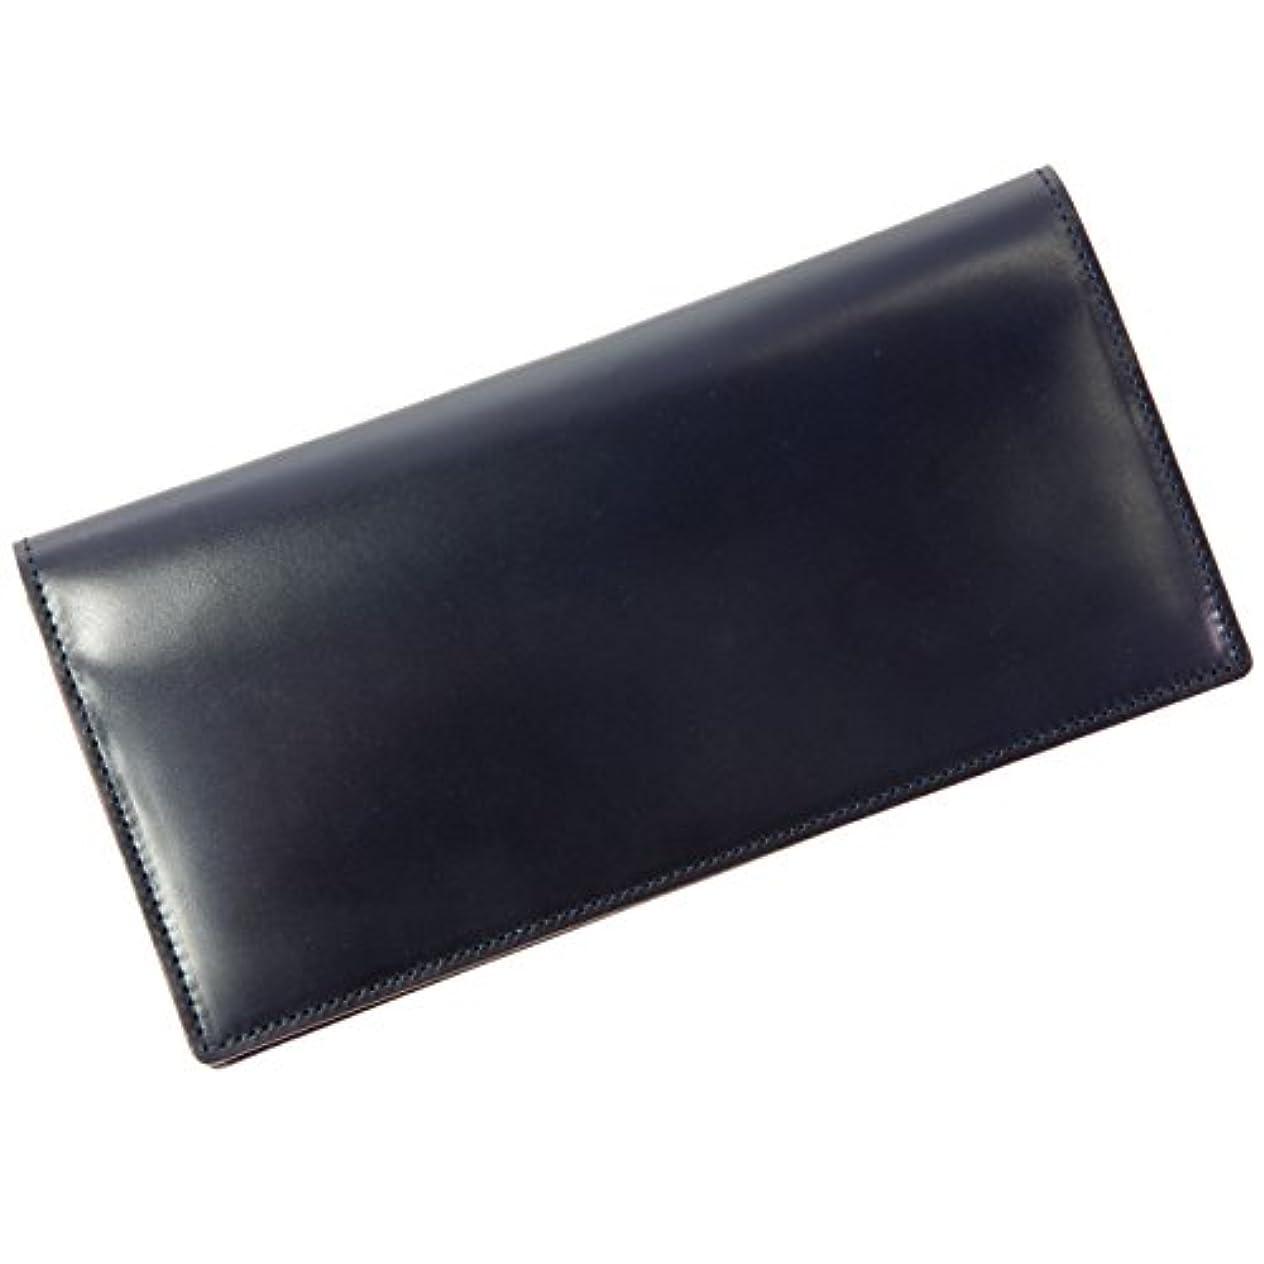 ふざけたに賛成びっくりブリットハウス【BRITHOUSE】コードバン【CORDOVAN】 藍染 長財布/カード入れタイプ(小銭入れ無し) KING OF LEATHERの称号を持つコードバン lbh0002012-0060 ネイビー【Navy】